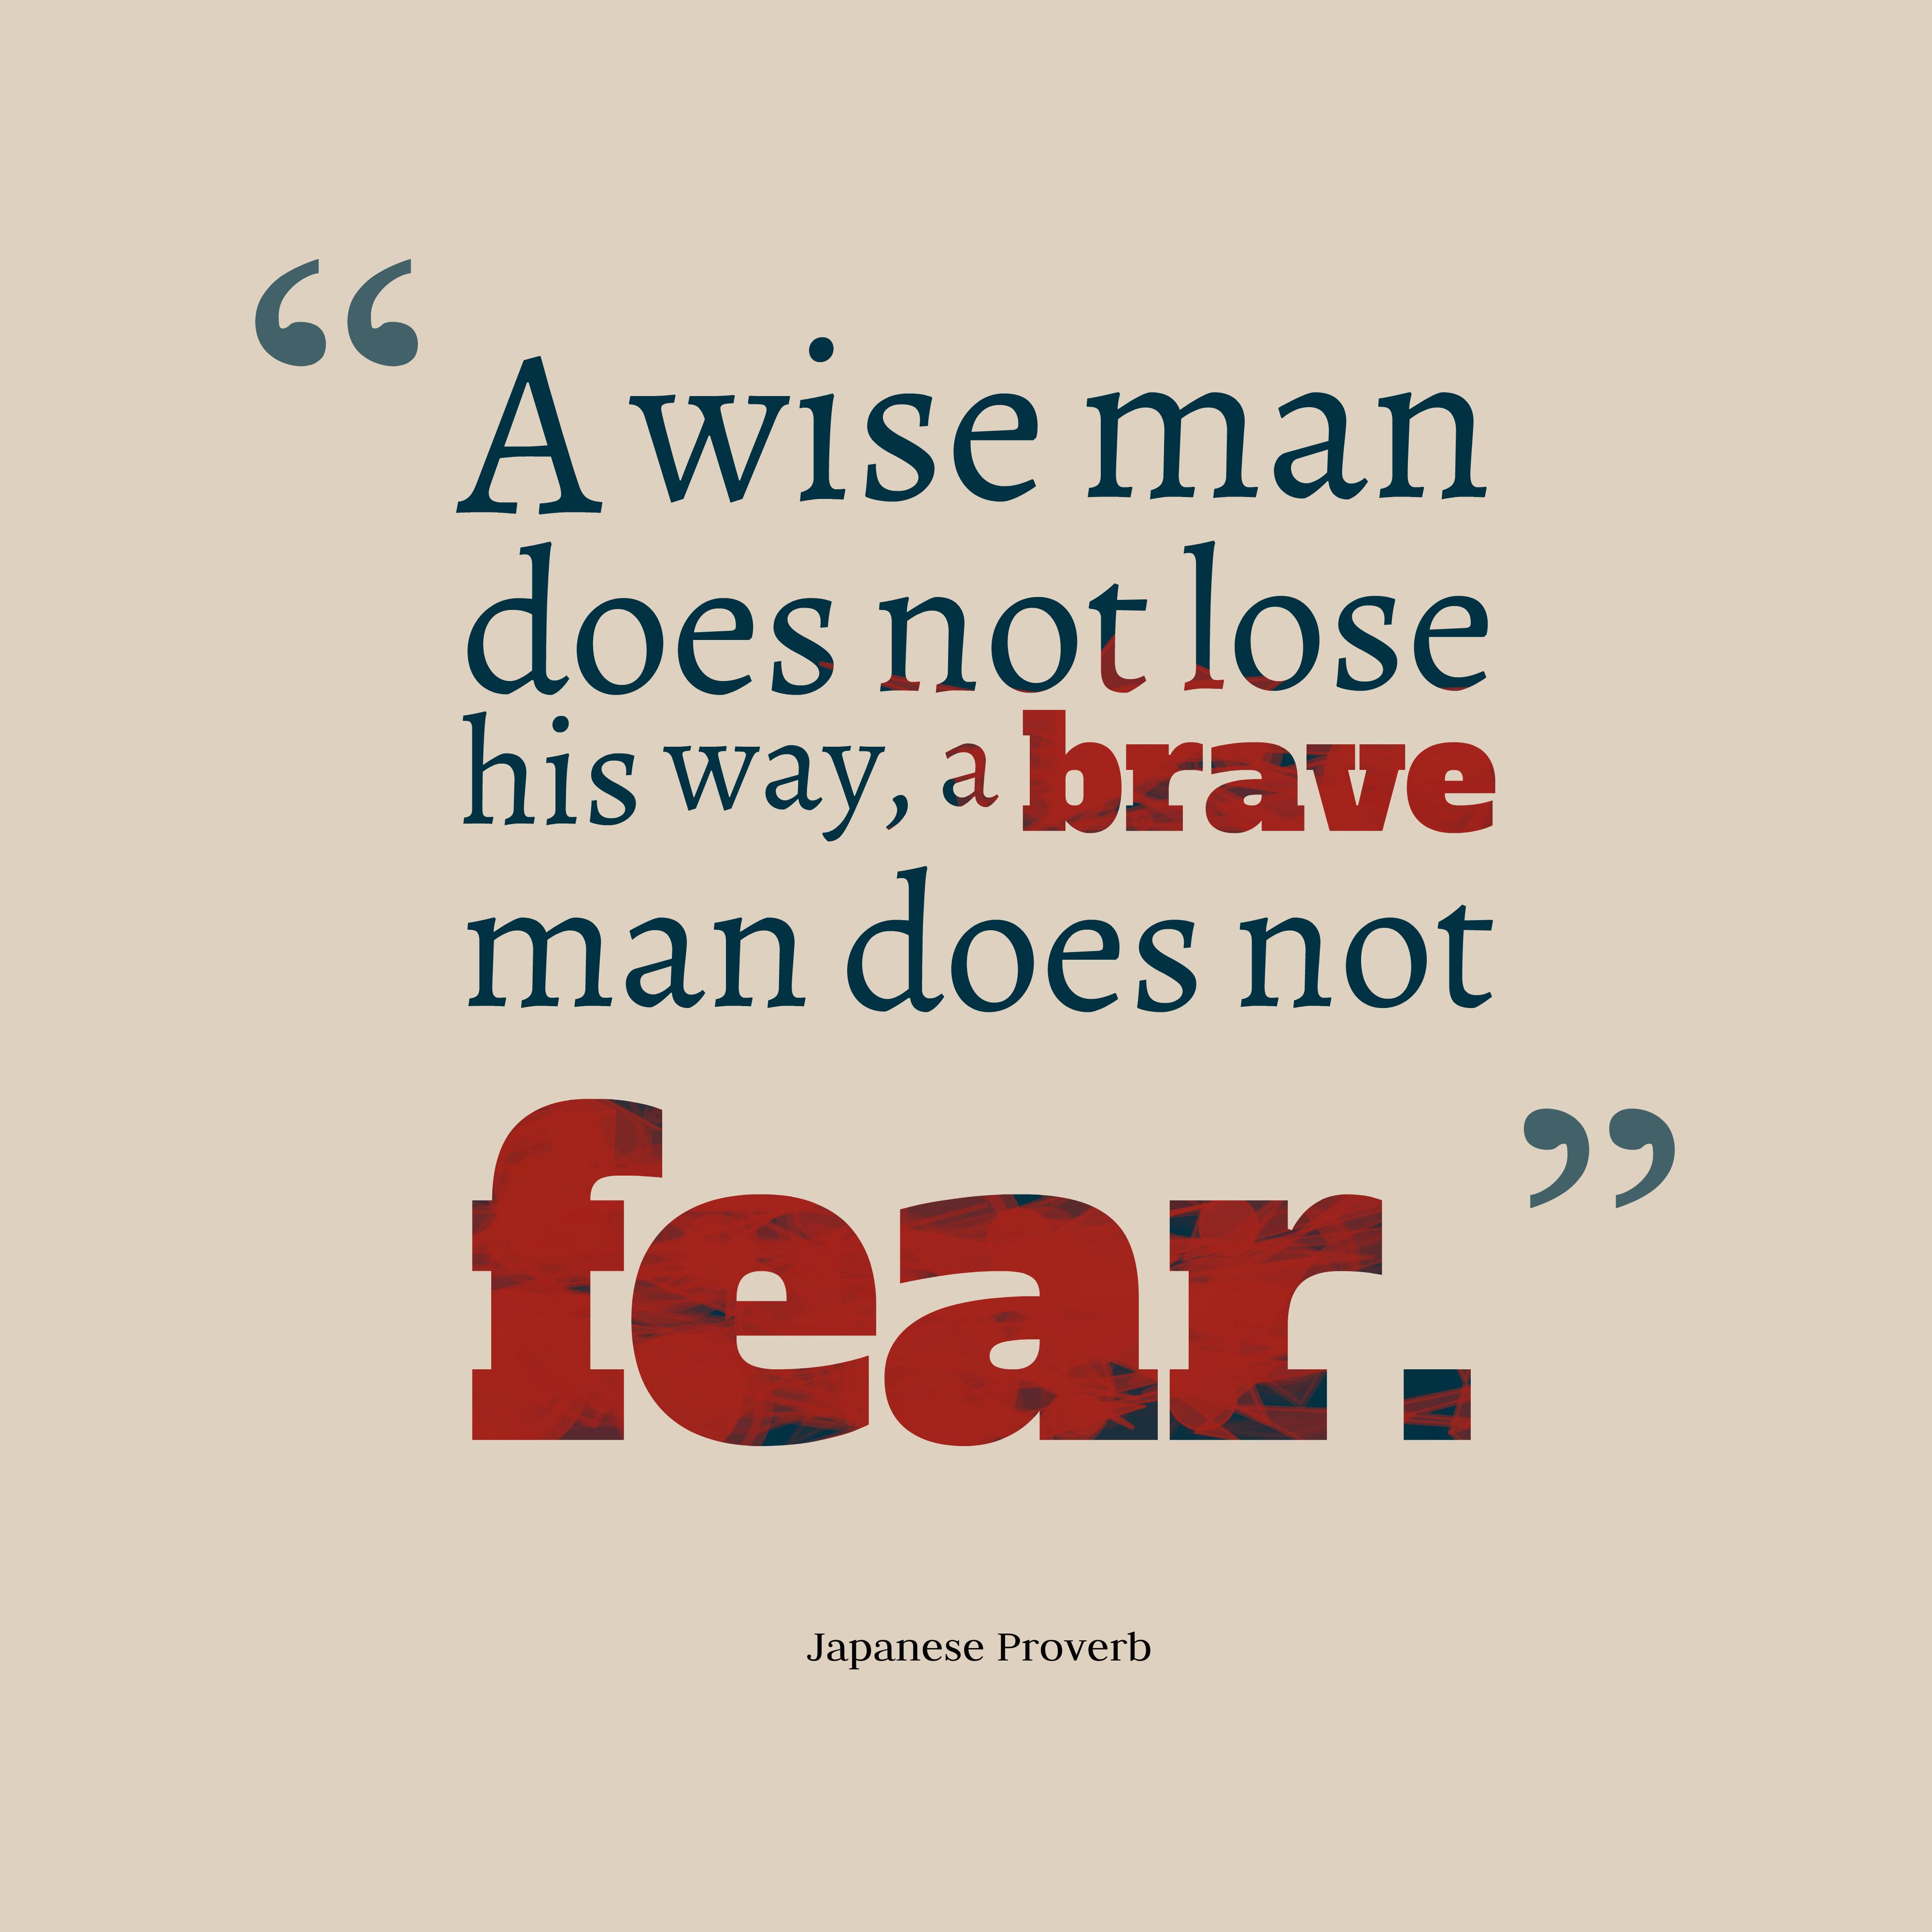 Japanese wisdom about wisdom.